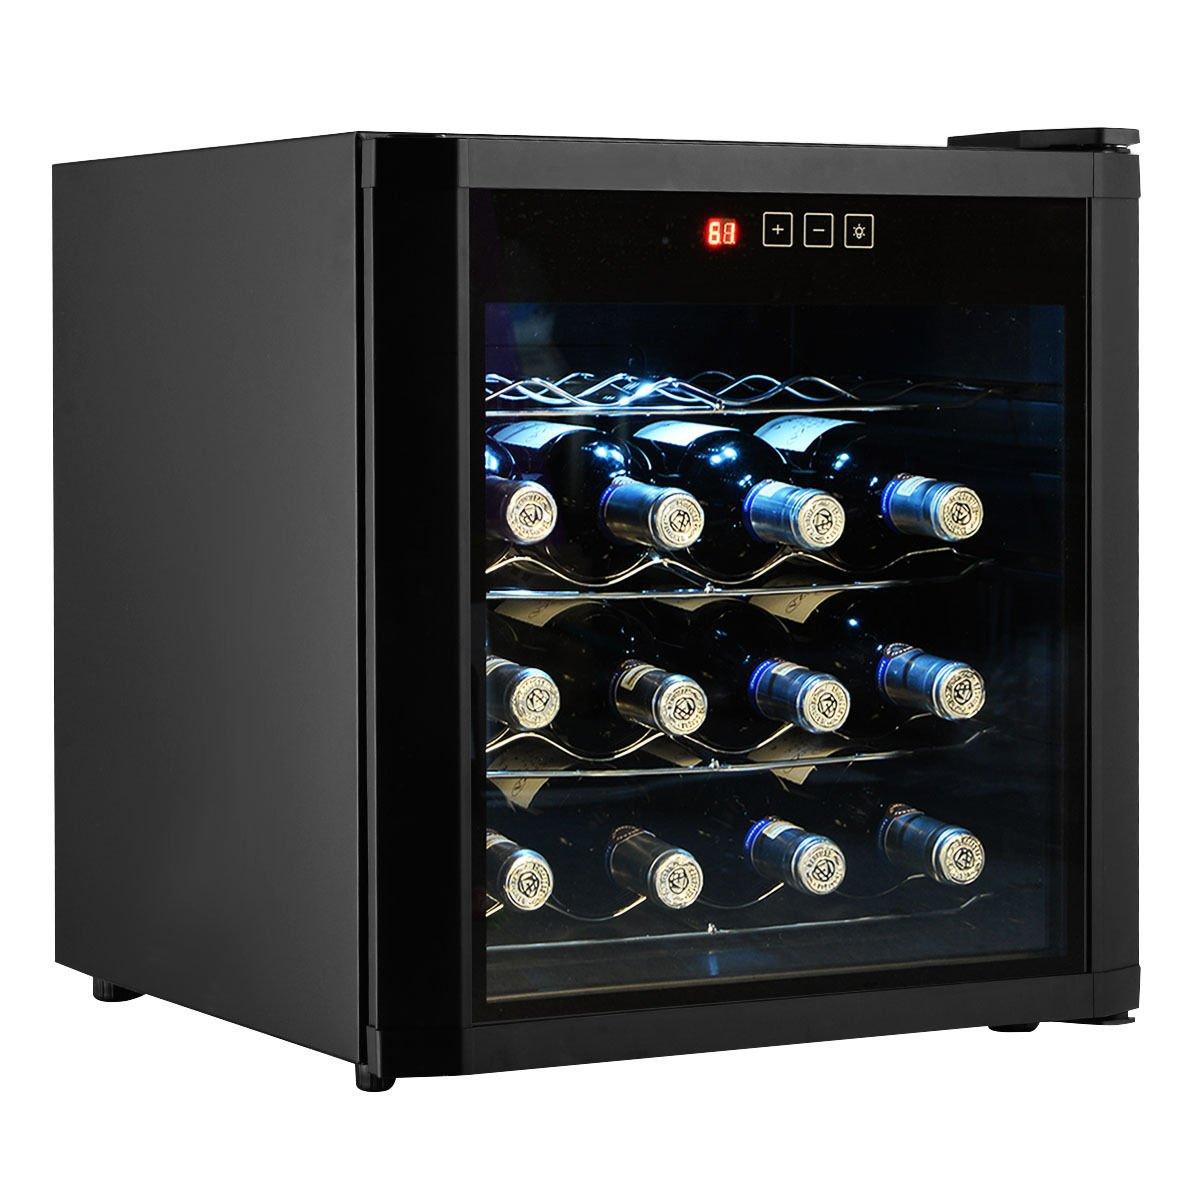 M2 Outlet 16 Bottles Wine Cooler Fridge Cellar Storage Holder Chiller Bar Rack Cabinet